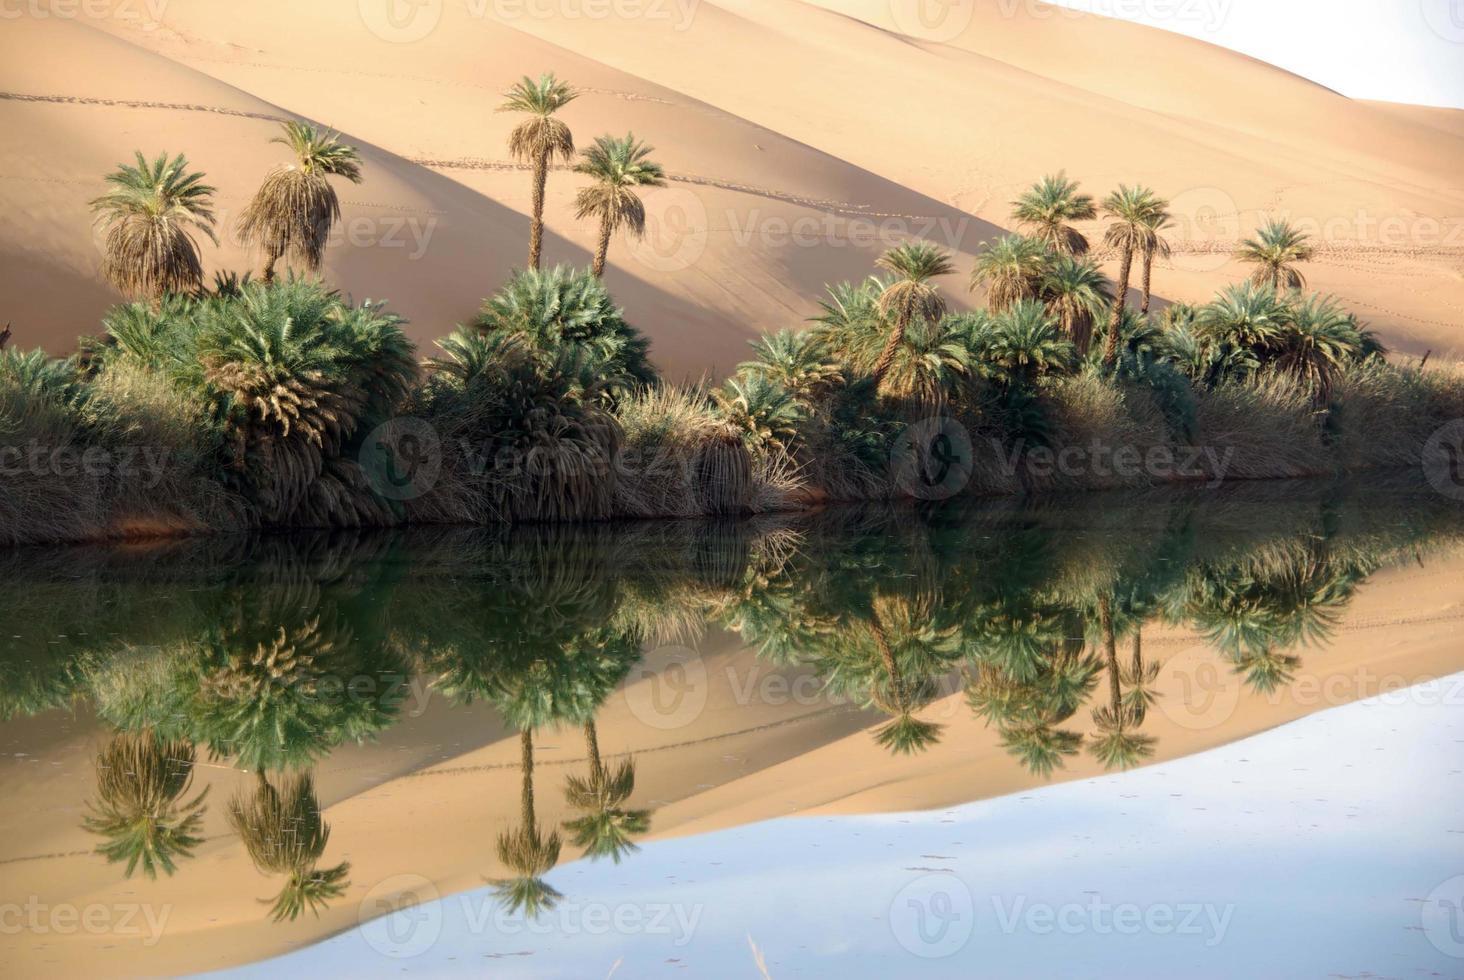 oasis en un desierto en libia con árboles foto